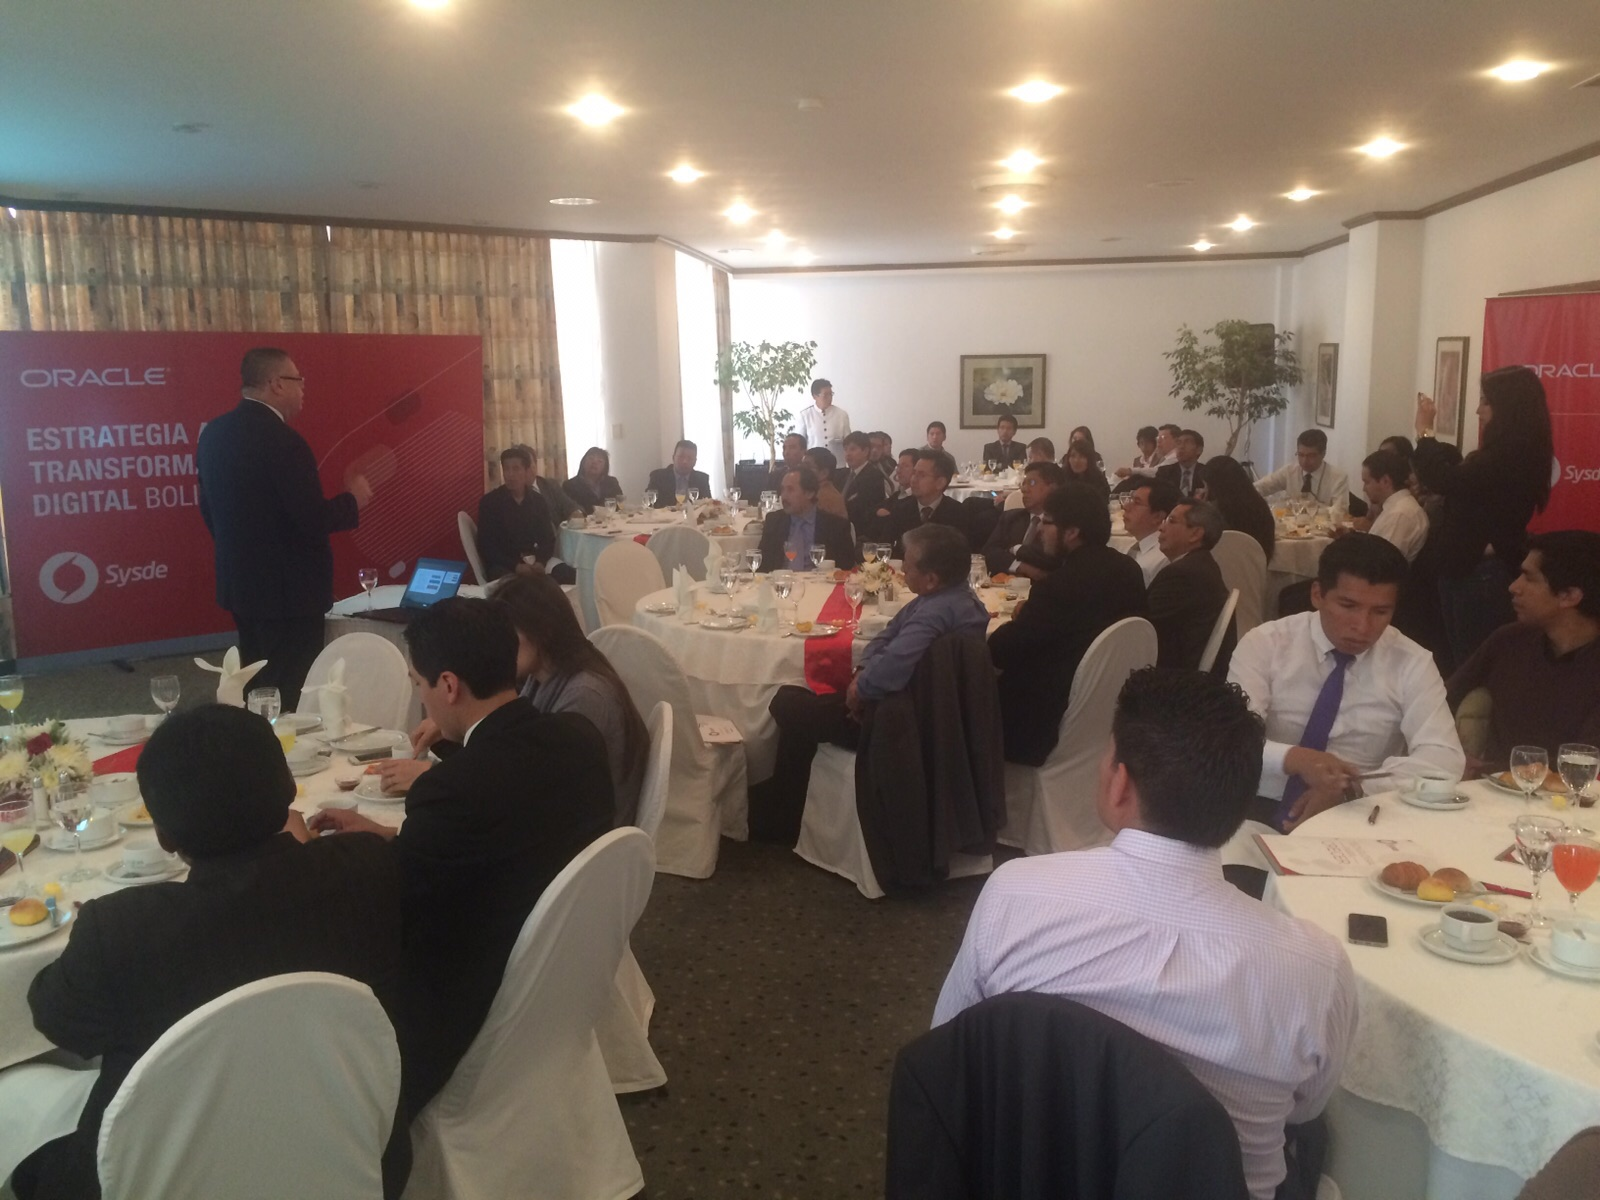 SYSDE-ORACLE - Estrategia a una Transformación Digital Bolivia